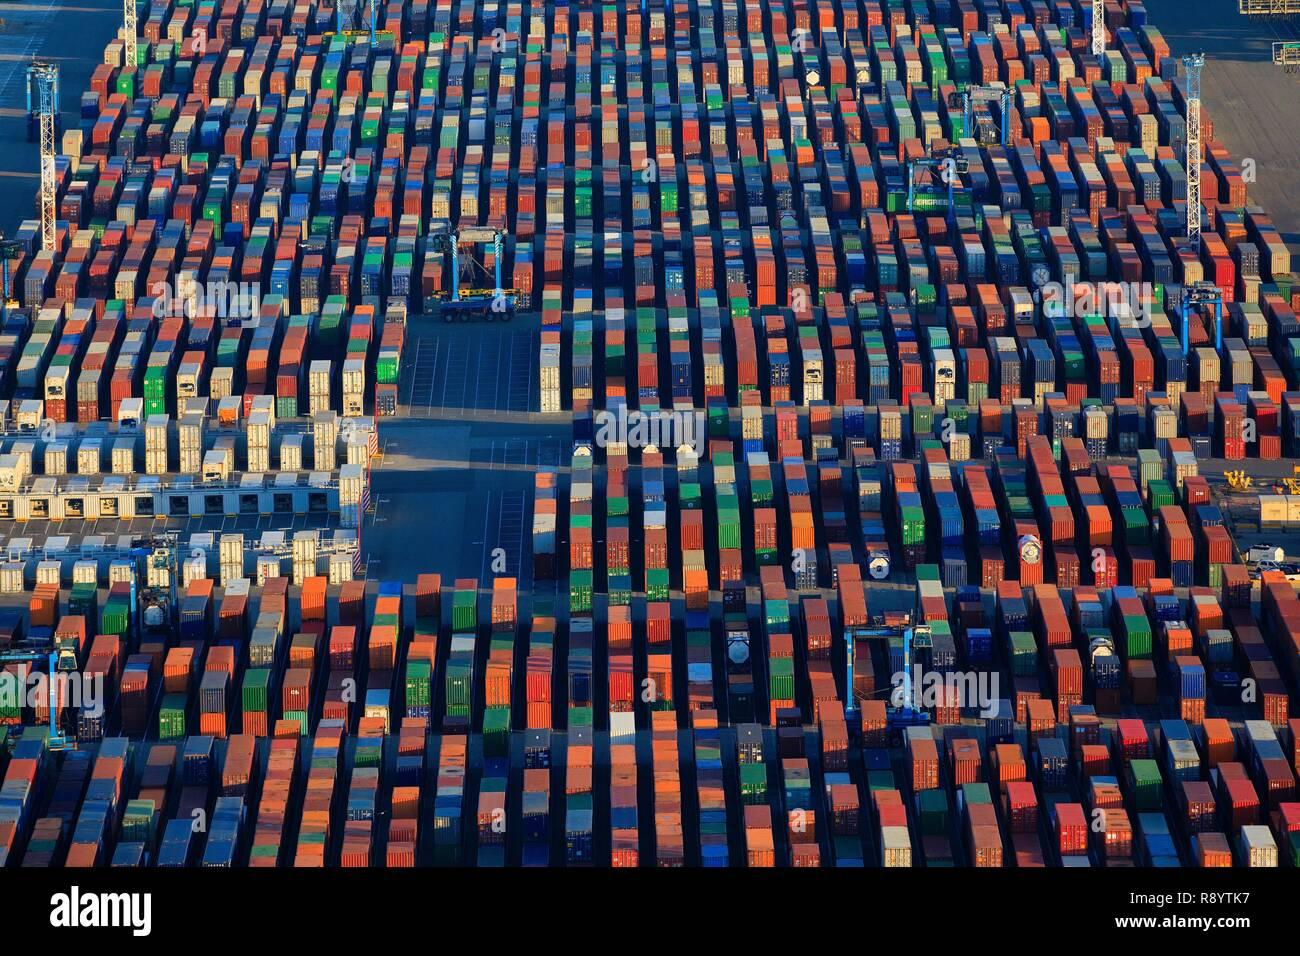 Francia, Bouches du Rhône, en el golfo de Fos Sur Mer, Marsella Grand Puerto Marítimo, Fos Sur Mer, Graveleau Mole, terminal de contenedores (vista aérea) Foto de stock